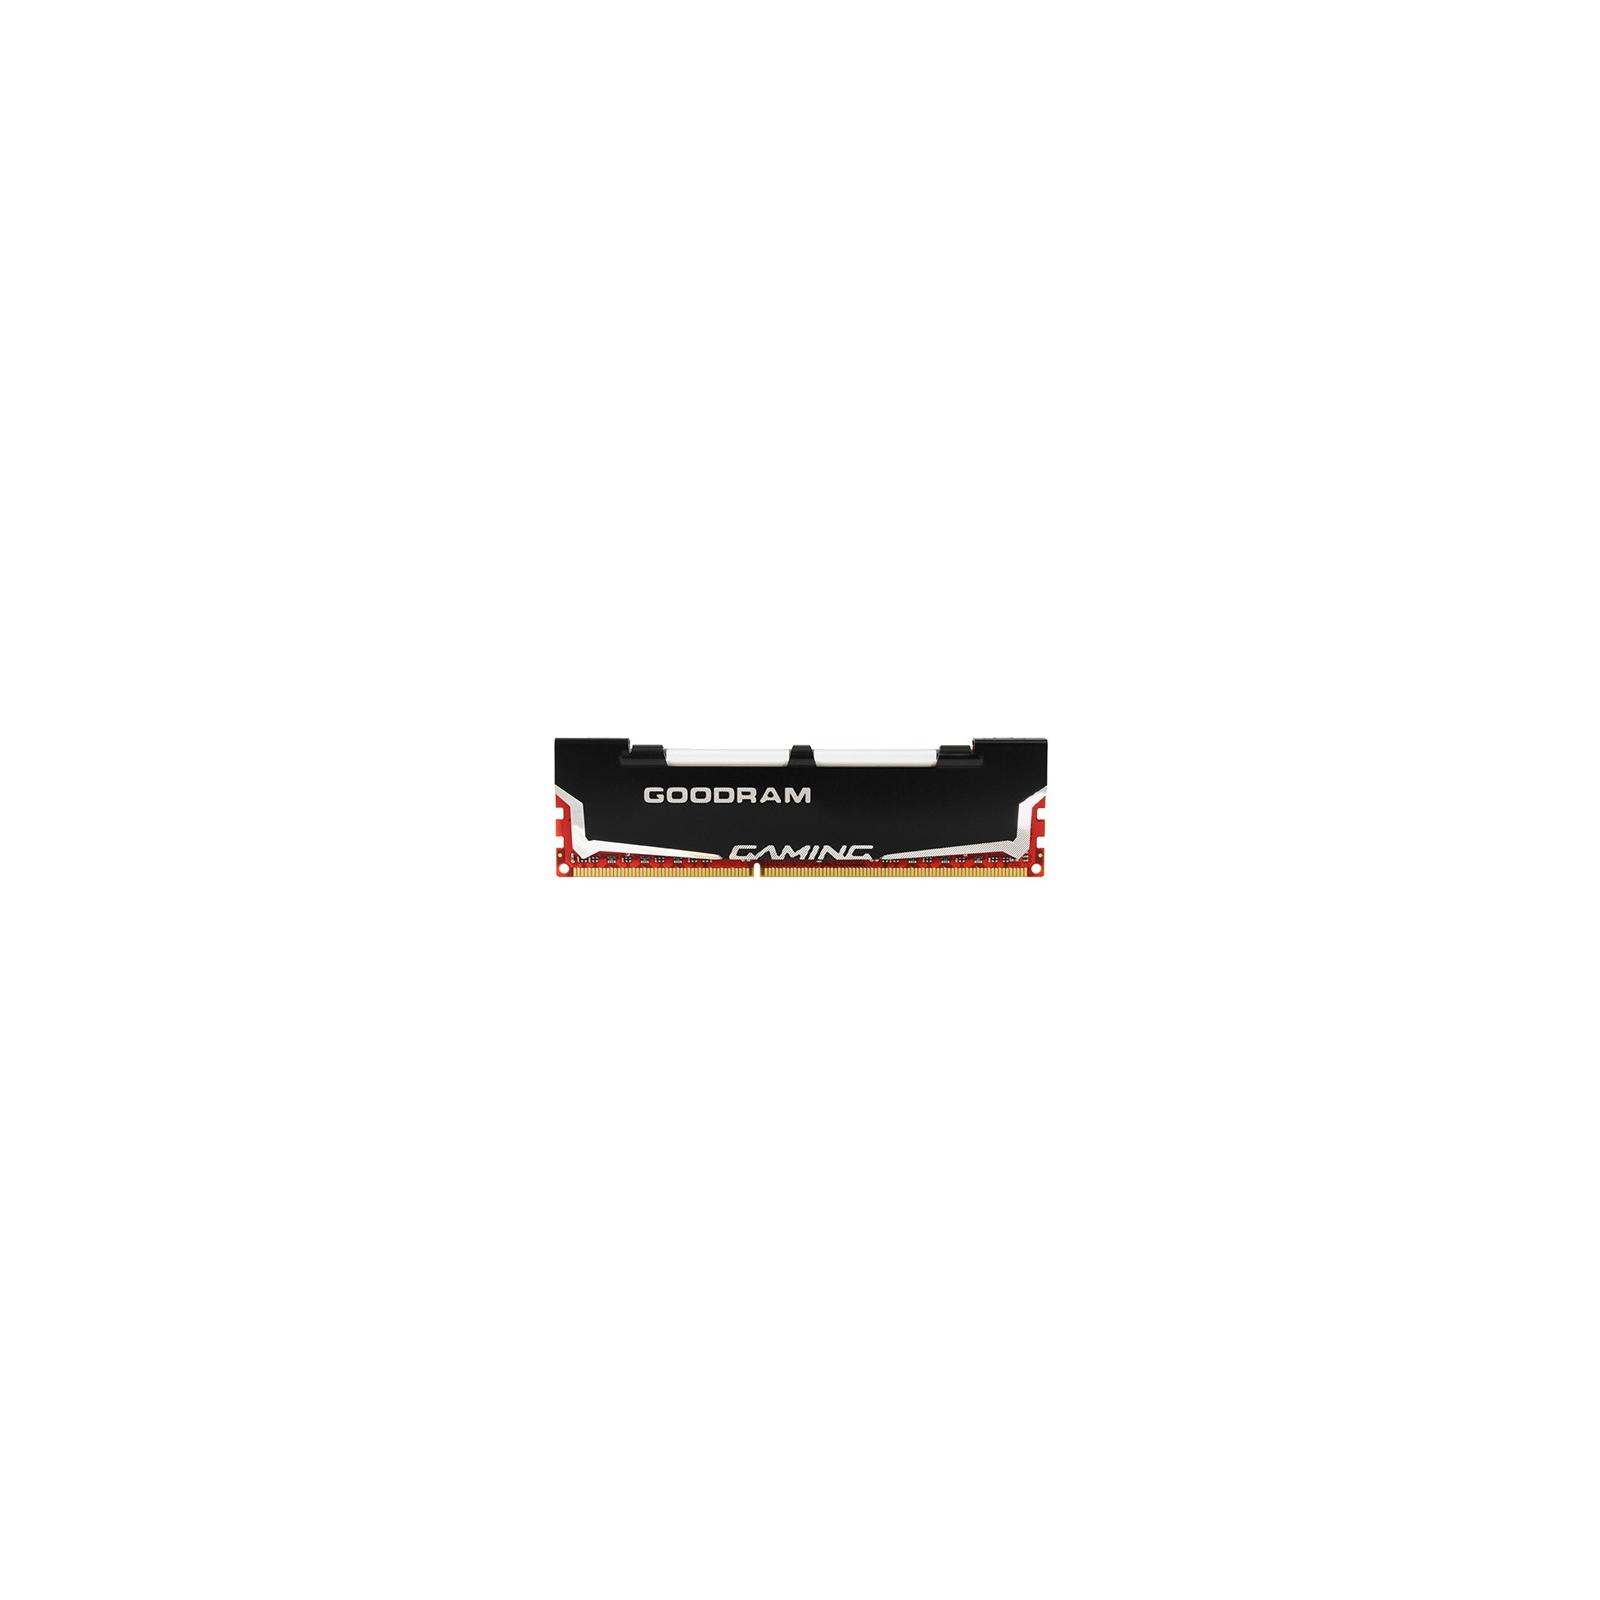 Модуль памяти для компьютера DDR3 8Gb 2133 MHz Led Gaming GOODRAM (GL2133D364L10A/8G)